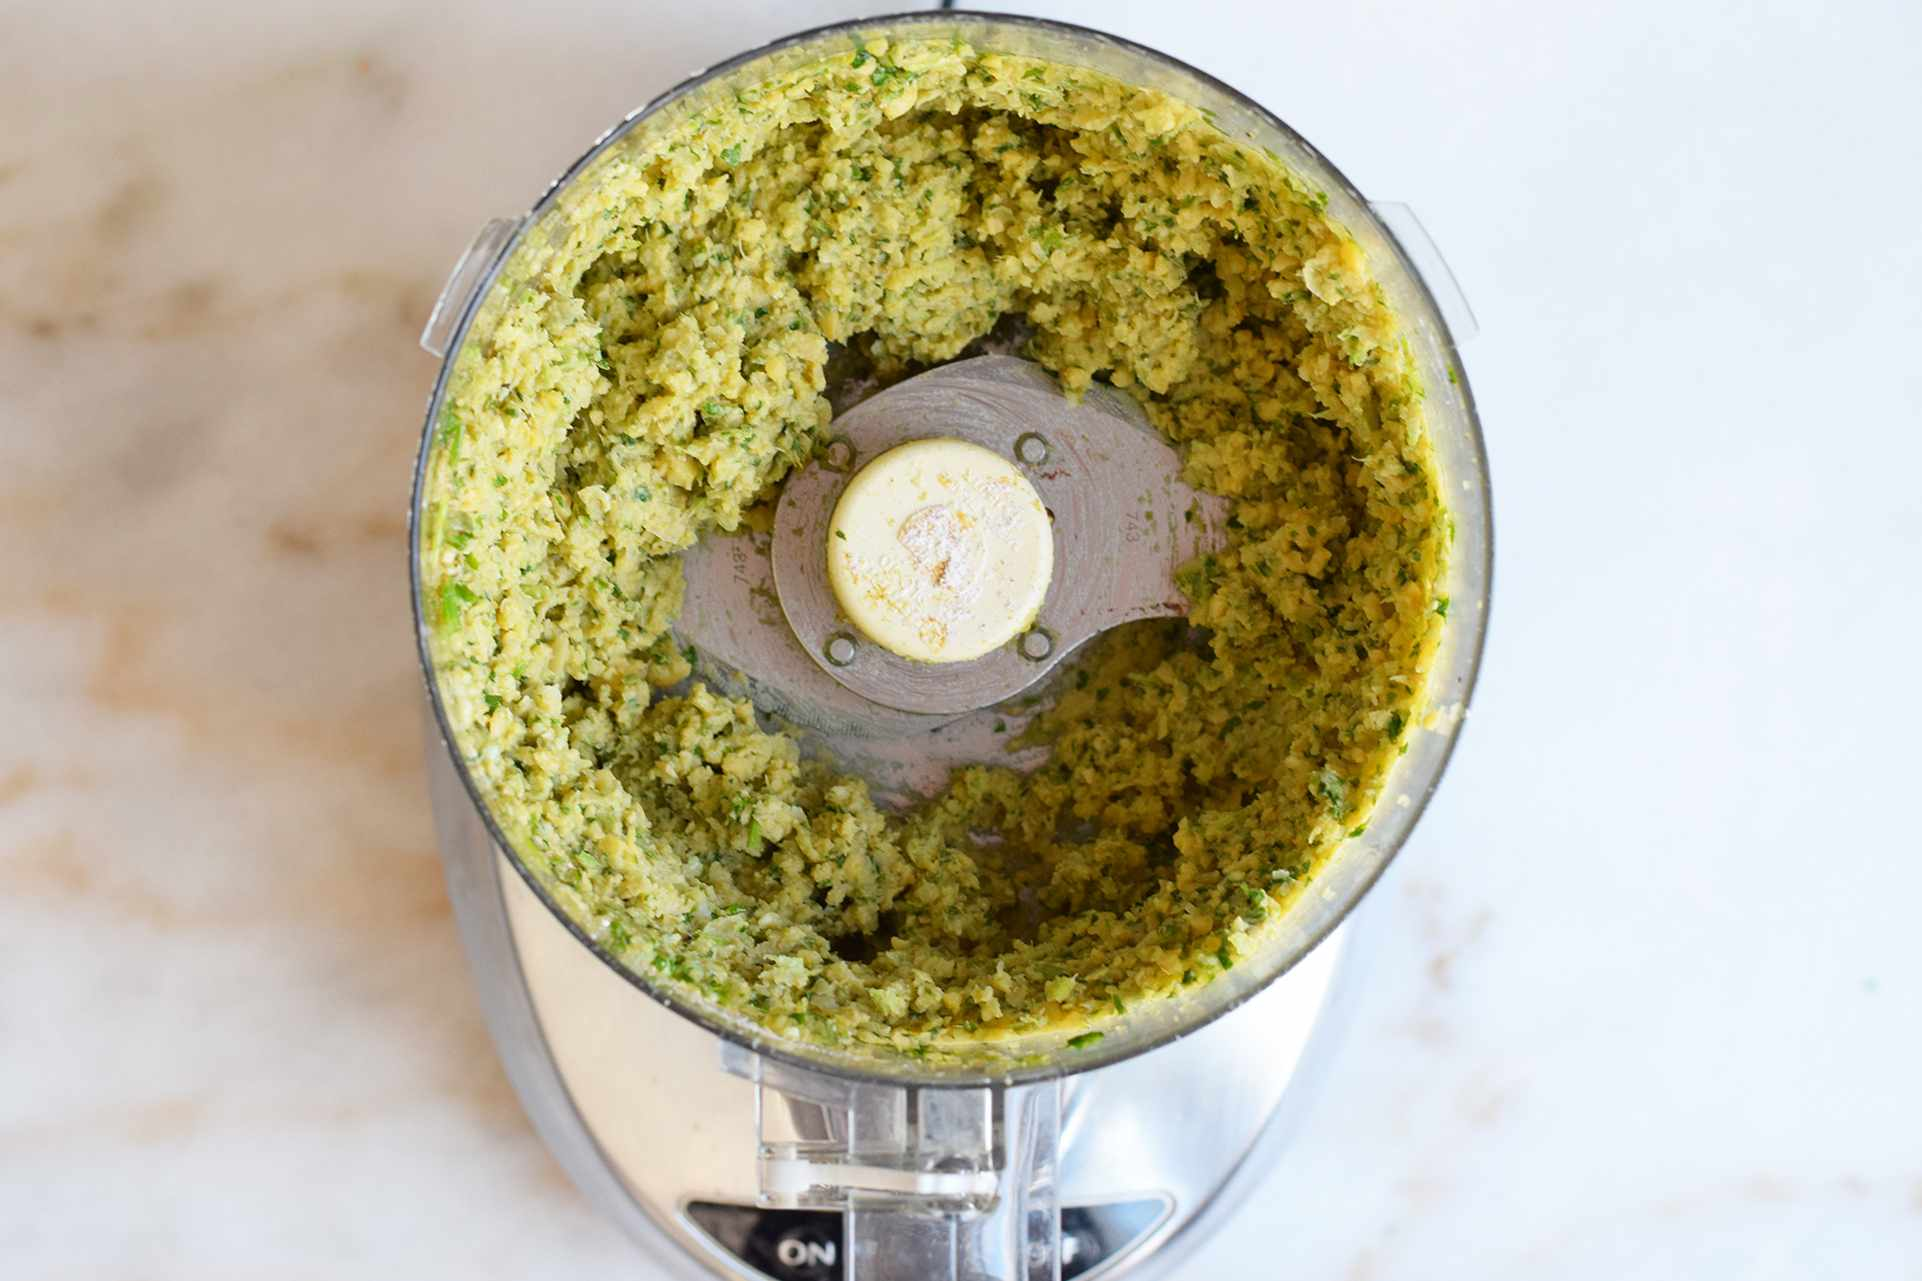 falafel mix in a food processor